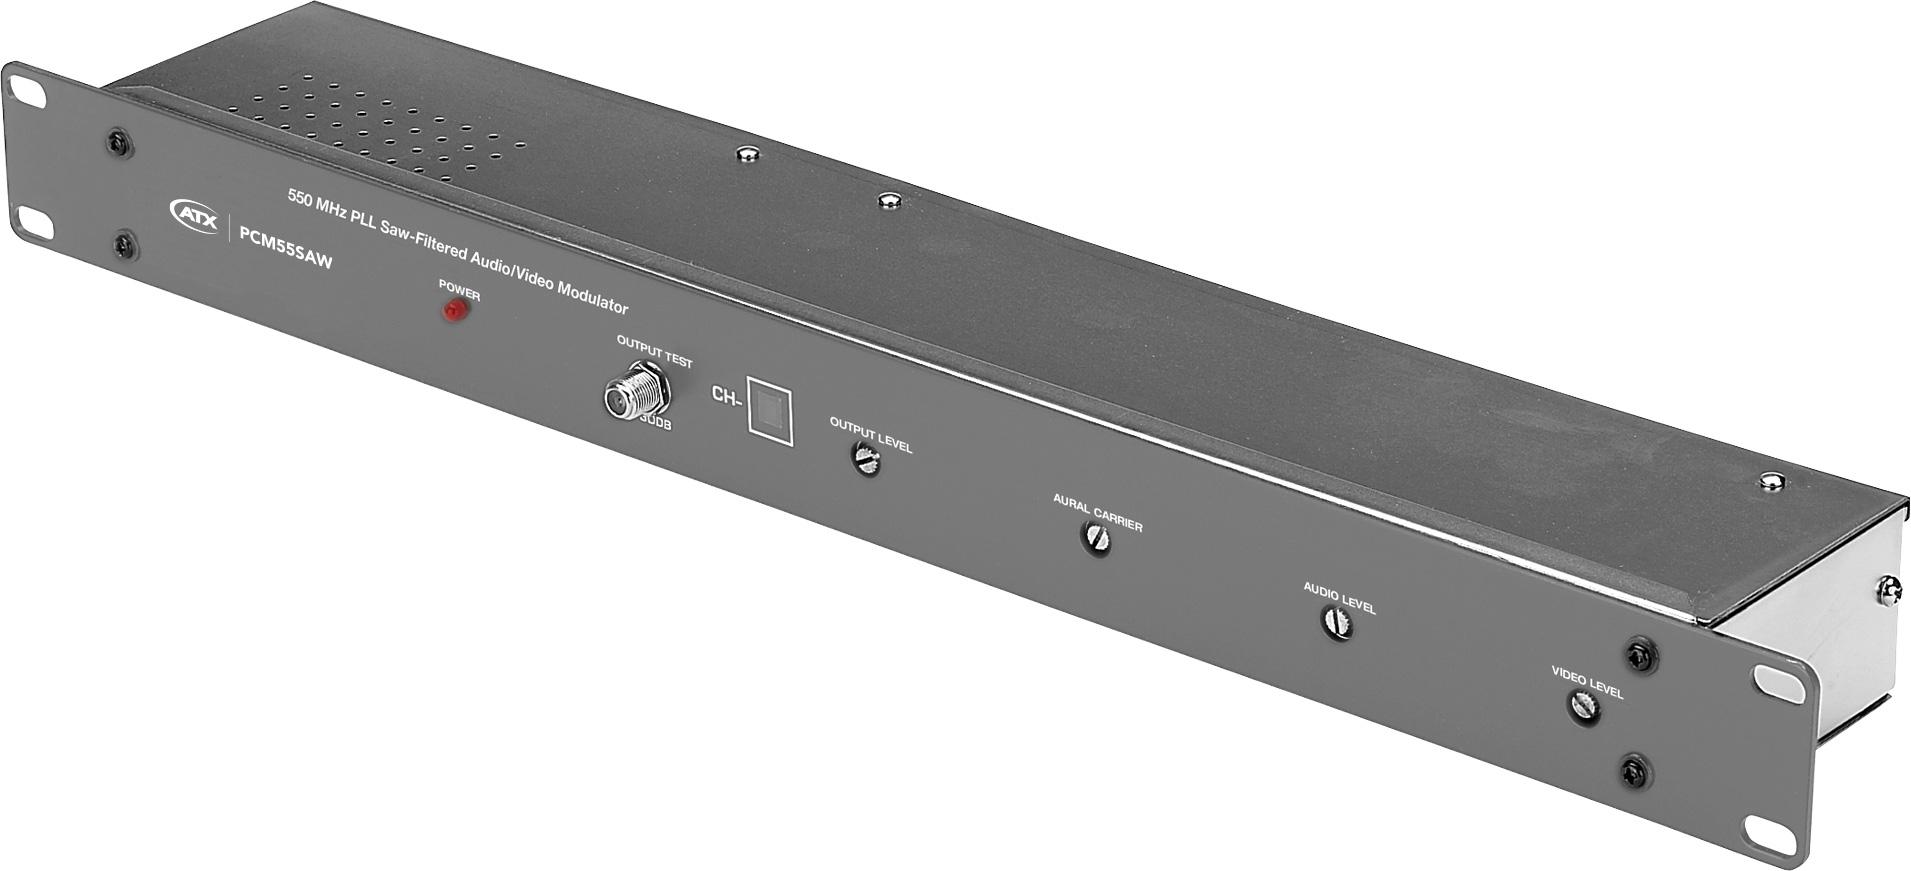 1 Channel Crystal A/V Modulator - Channel U PM-PCM55SAW-U